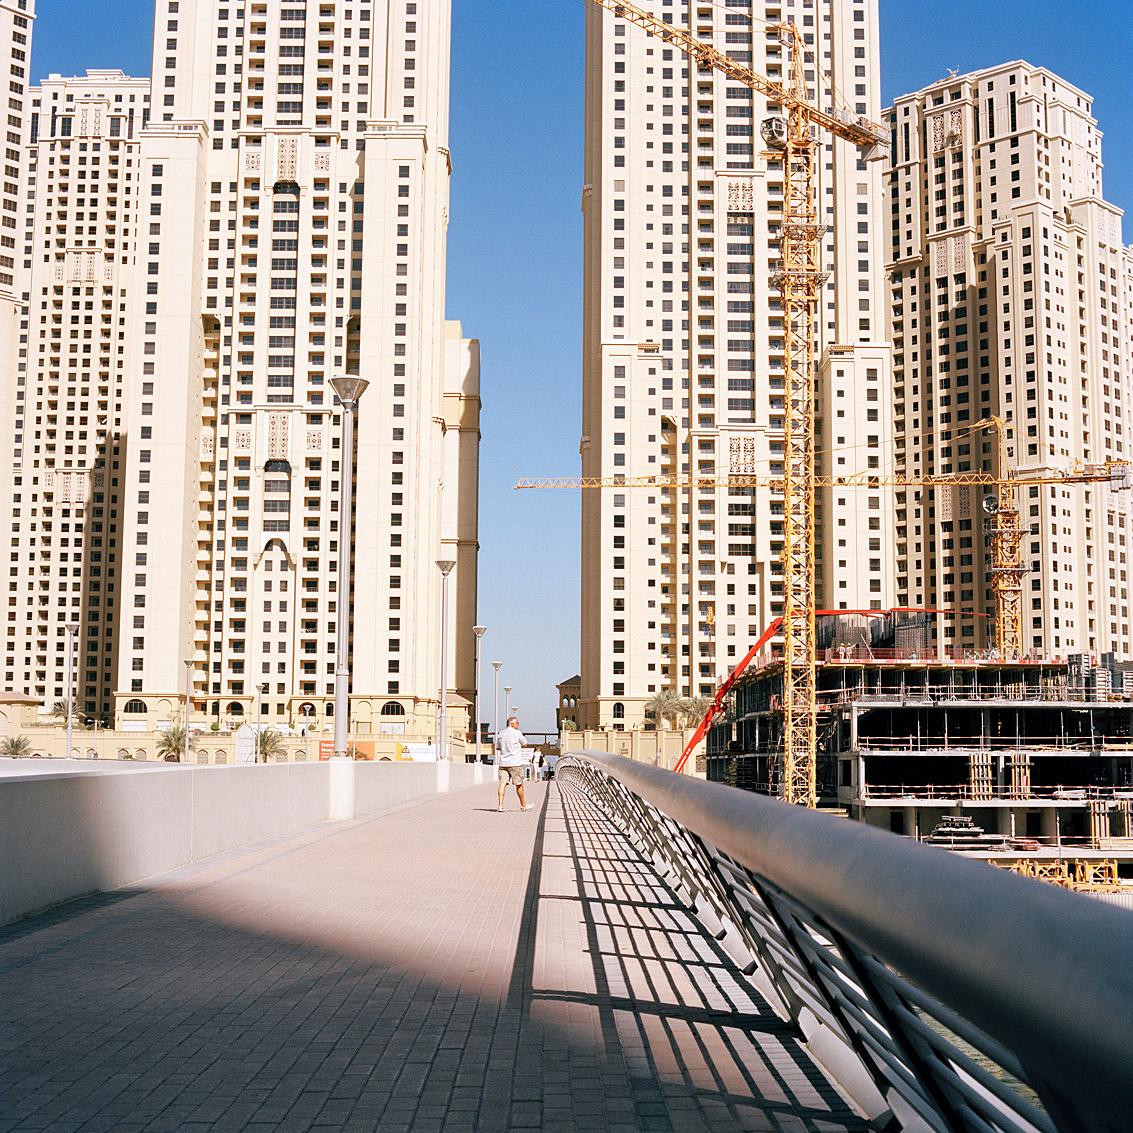 Jumeirah Beach Residence; Dubaï.